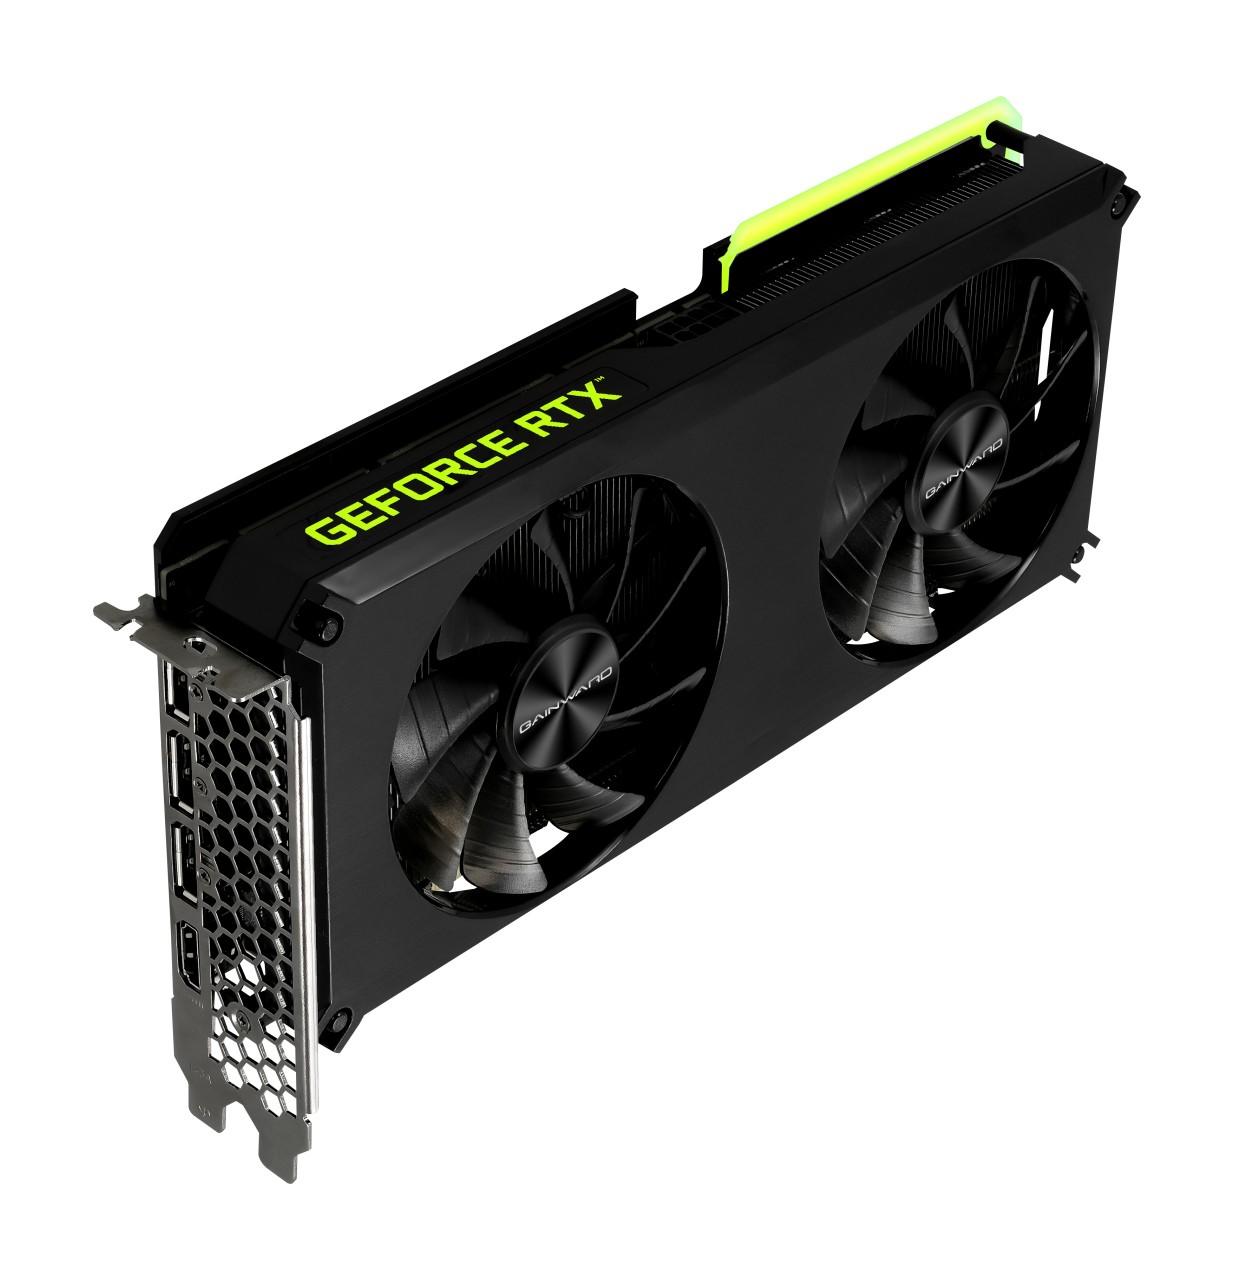 Placa de Video Gainward GeForce RTX 3060 Ti Ghost 8Gb GDDR6X 256 Bit NE6306T019P290AB